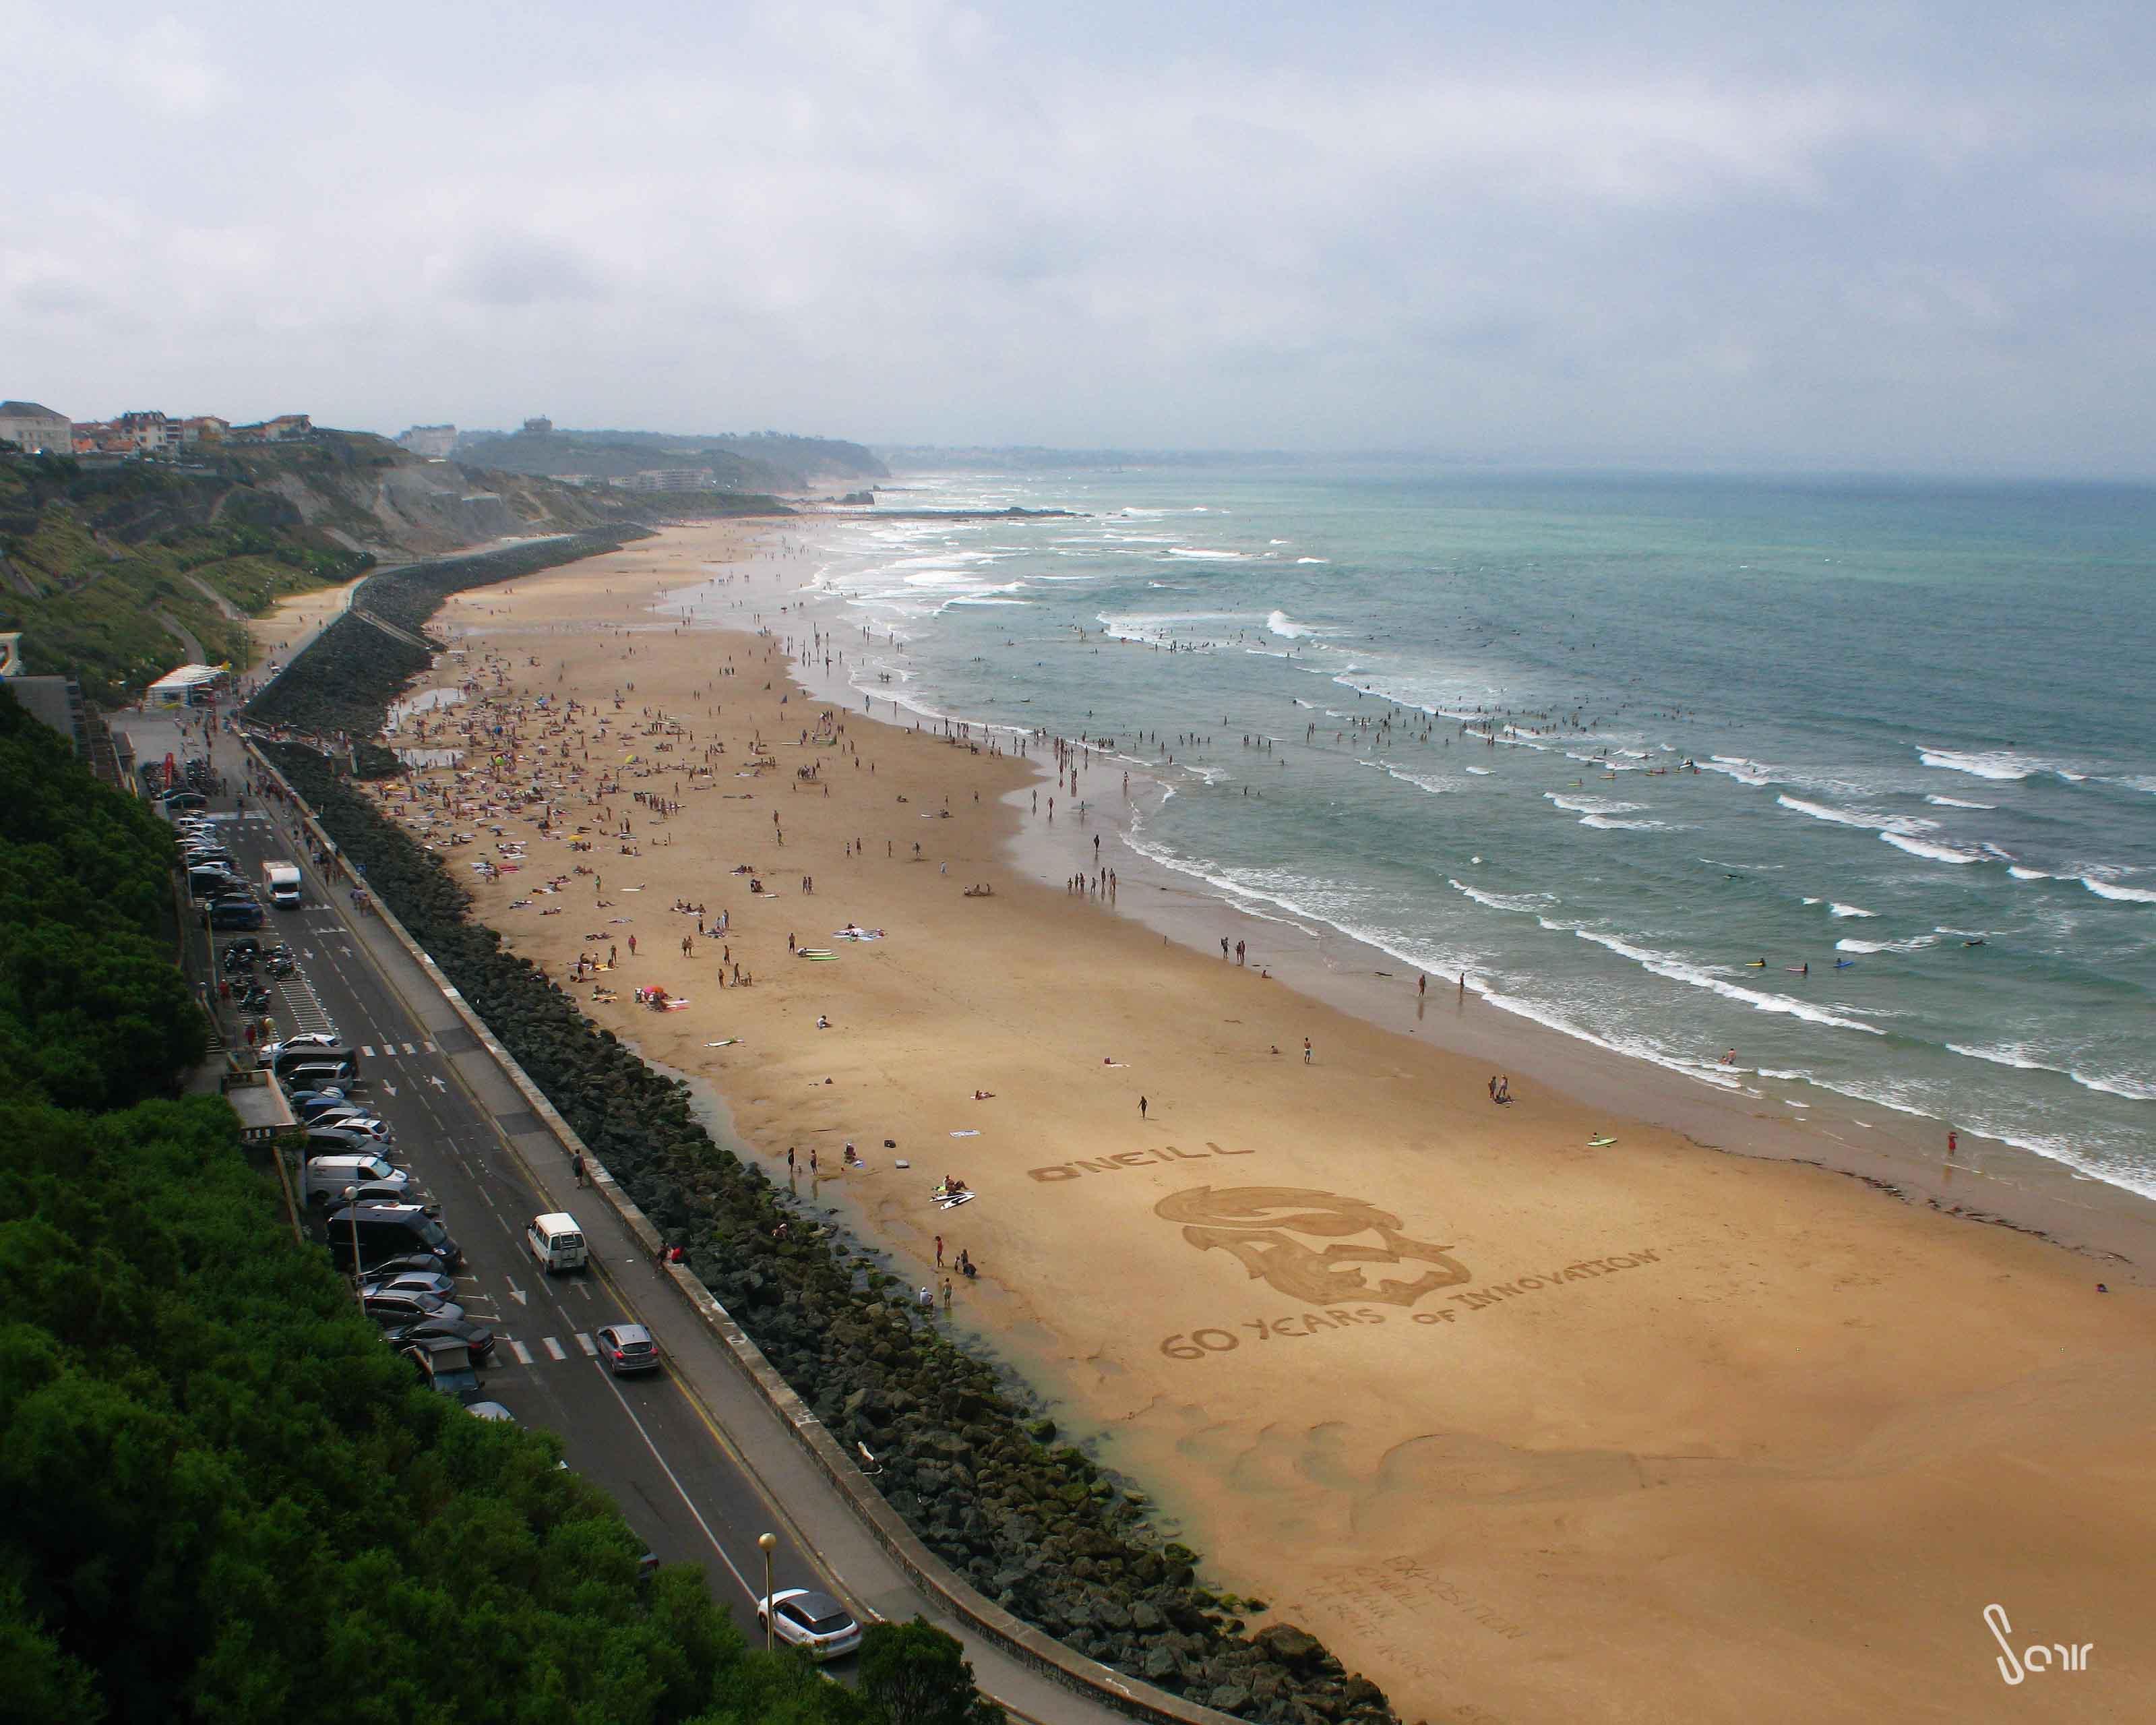 O'Neill, surf, biarritz, bech art, dougados